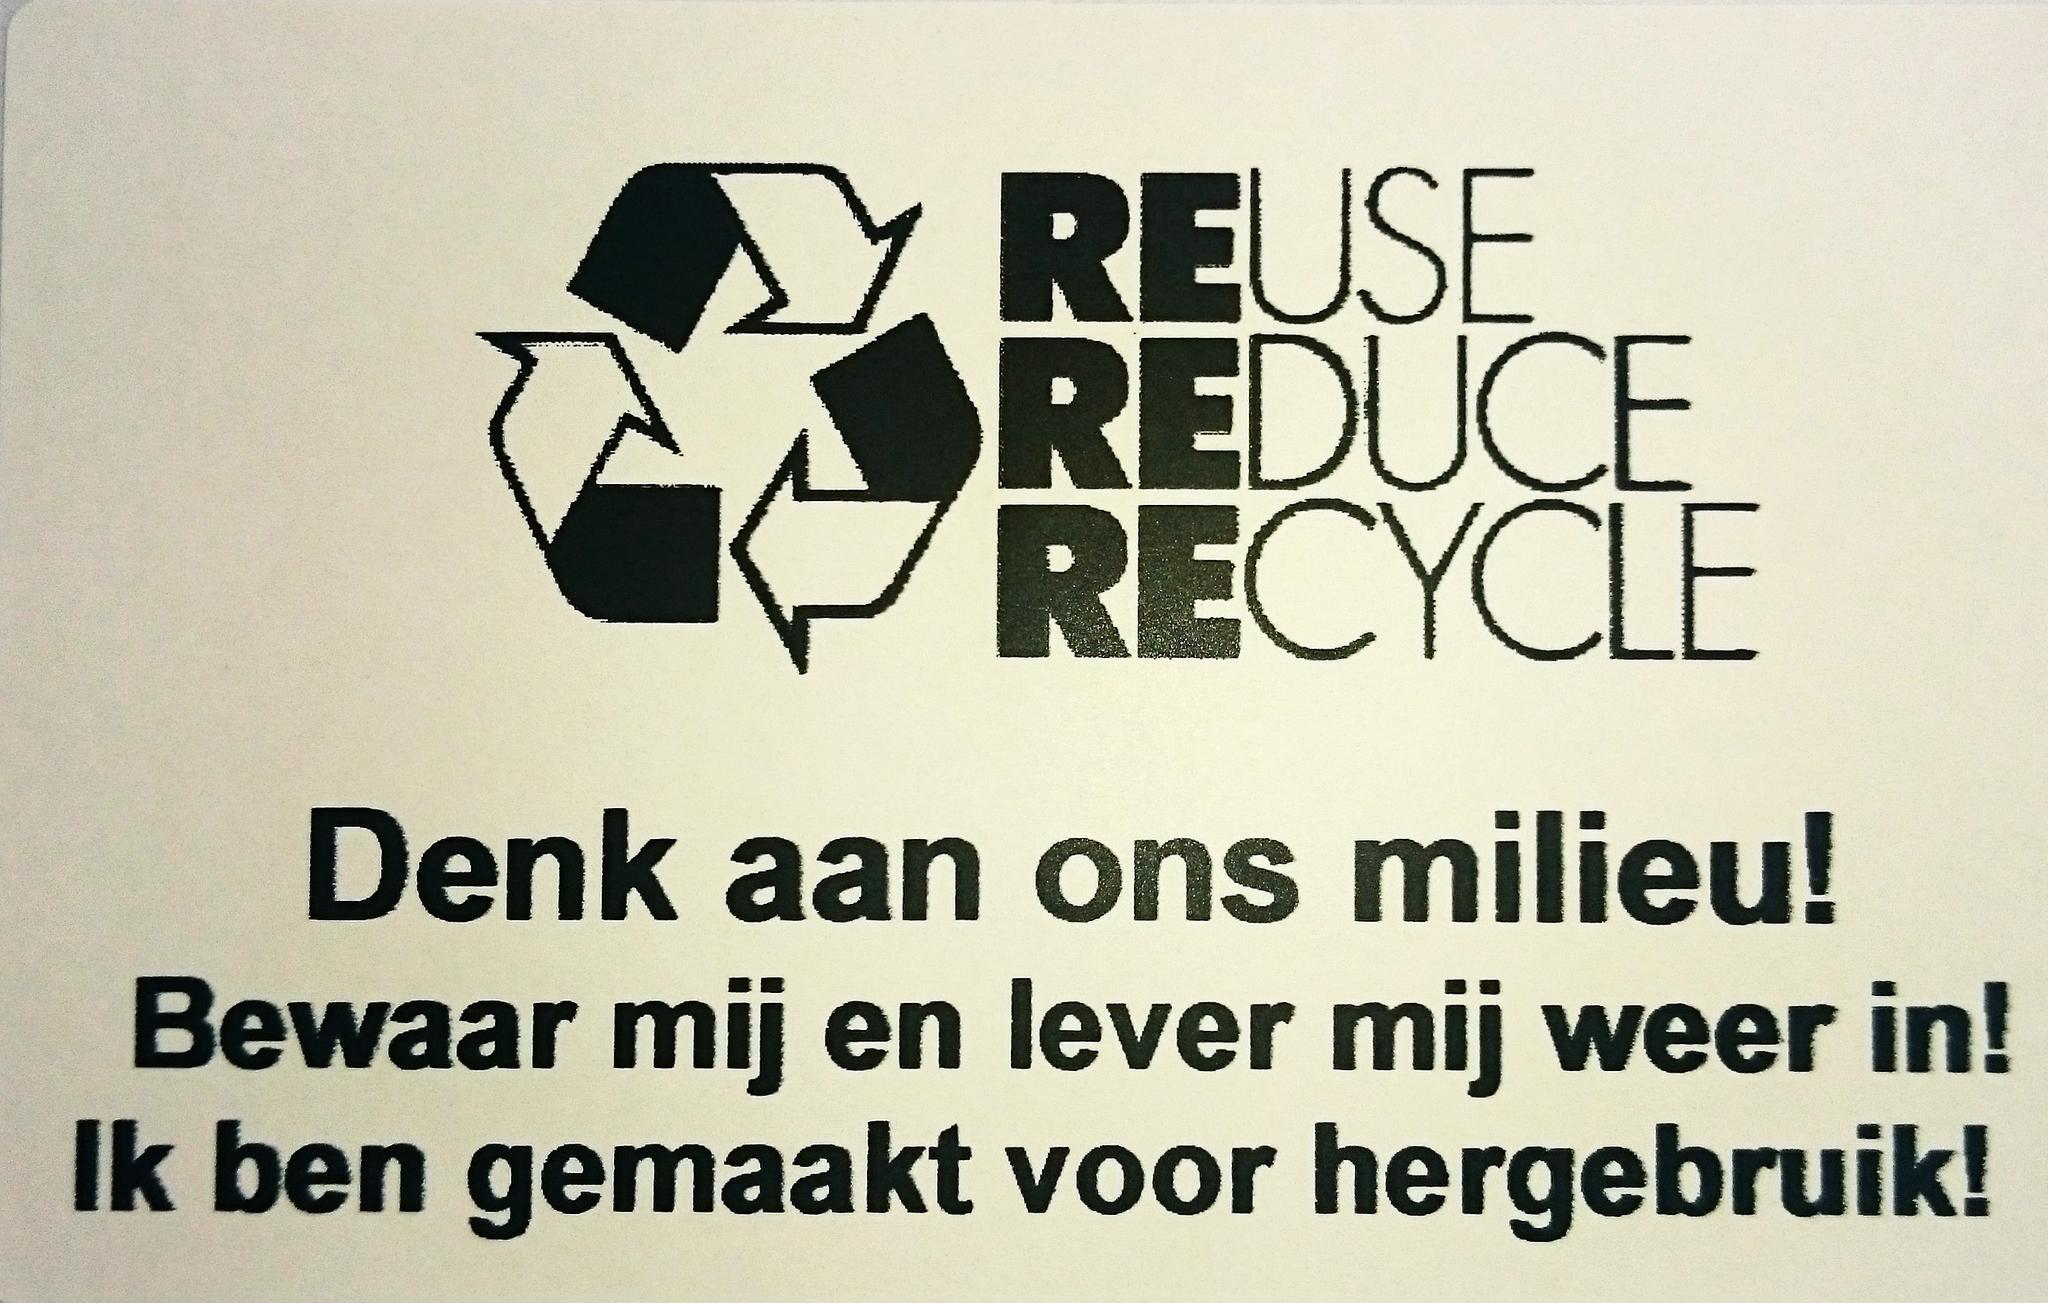 Spaar het milieu, gebruik verpakkingen opnieuw!